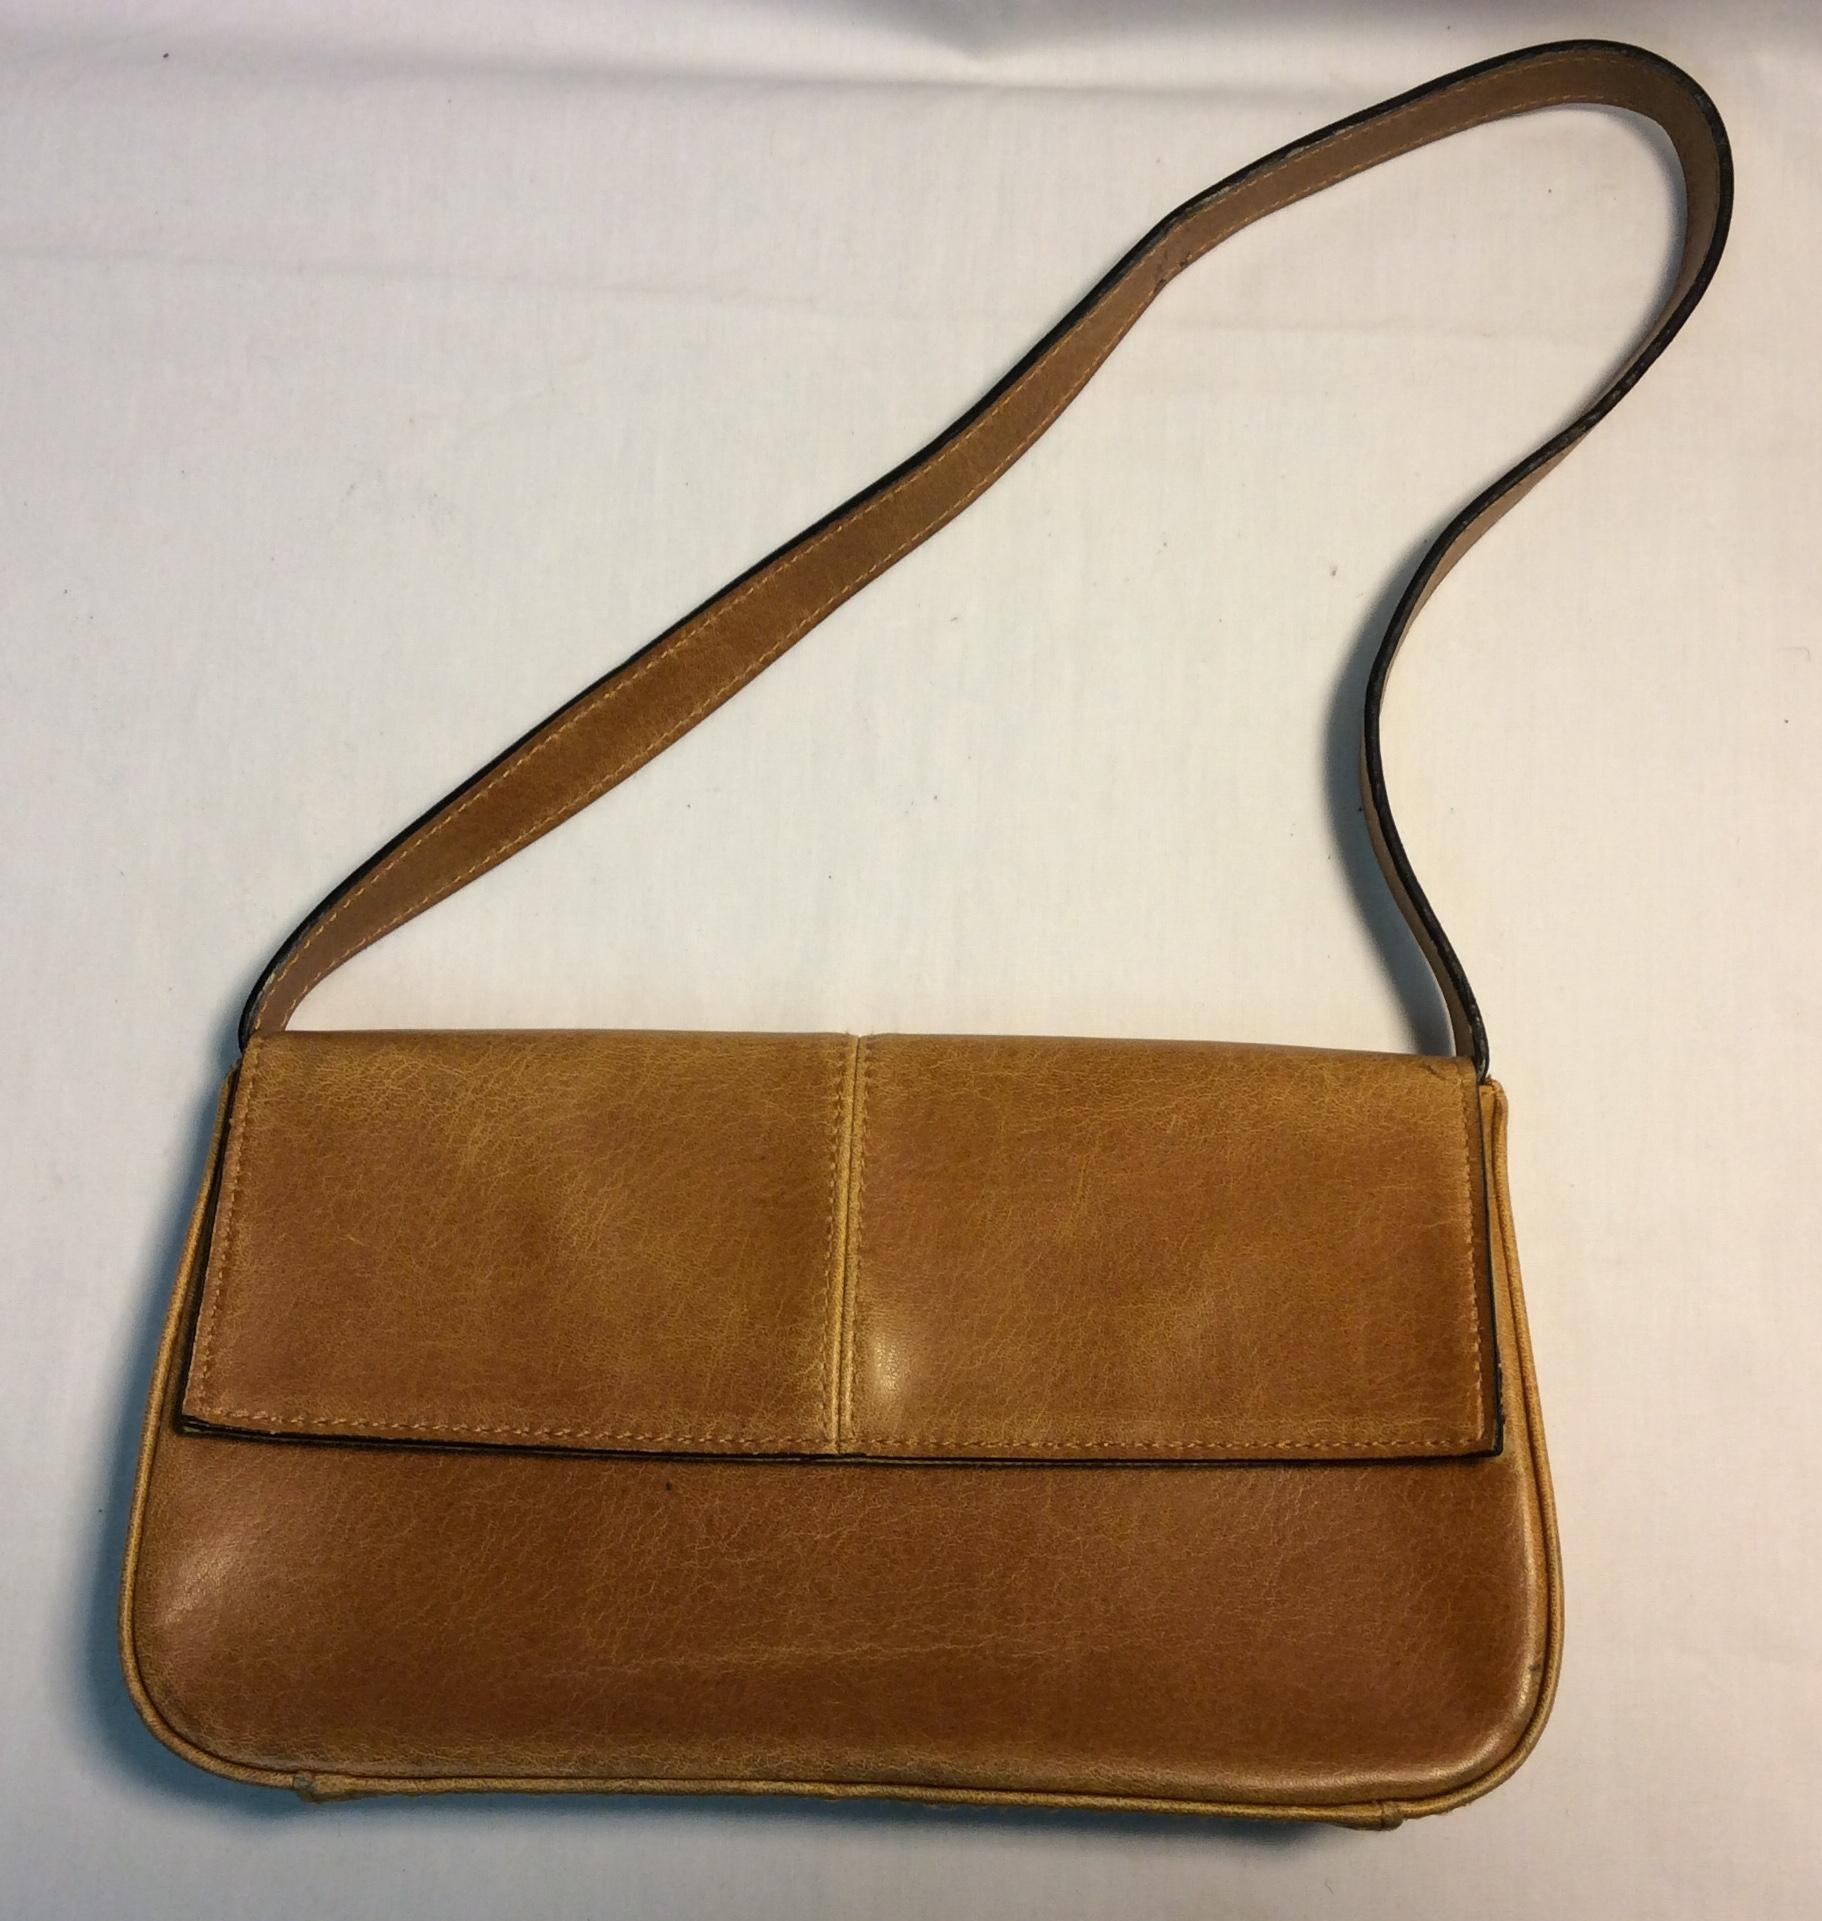 Aldo Light brown leather purse